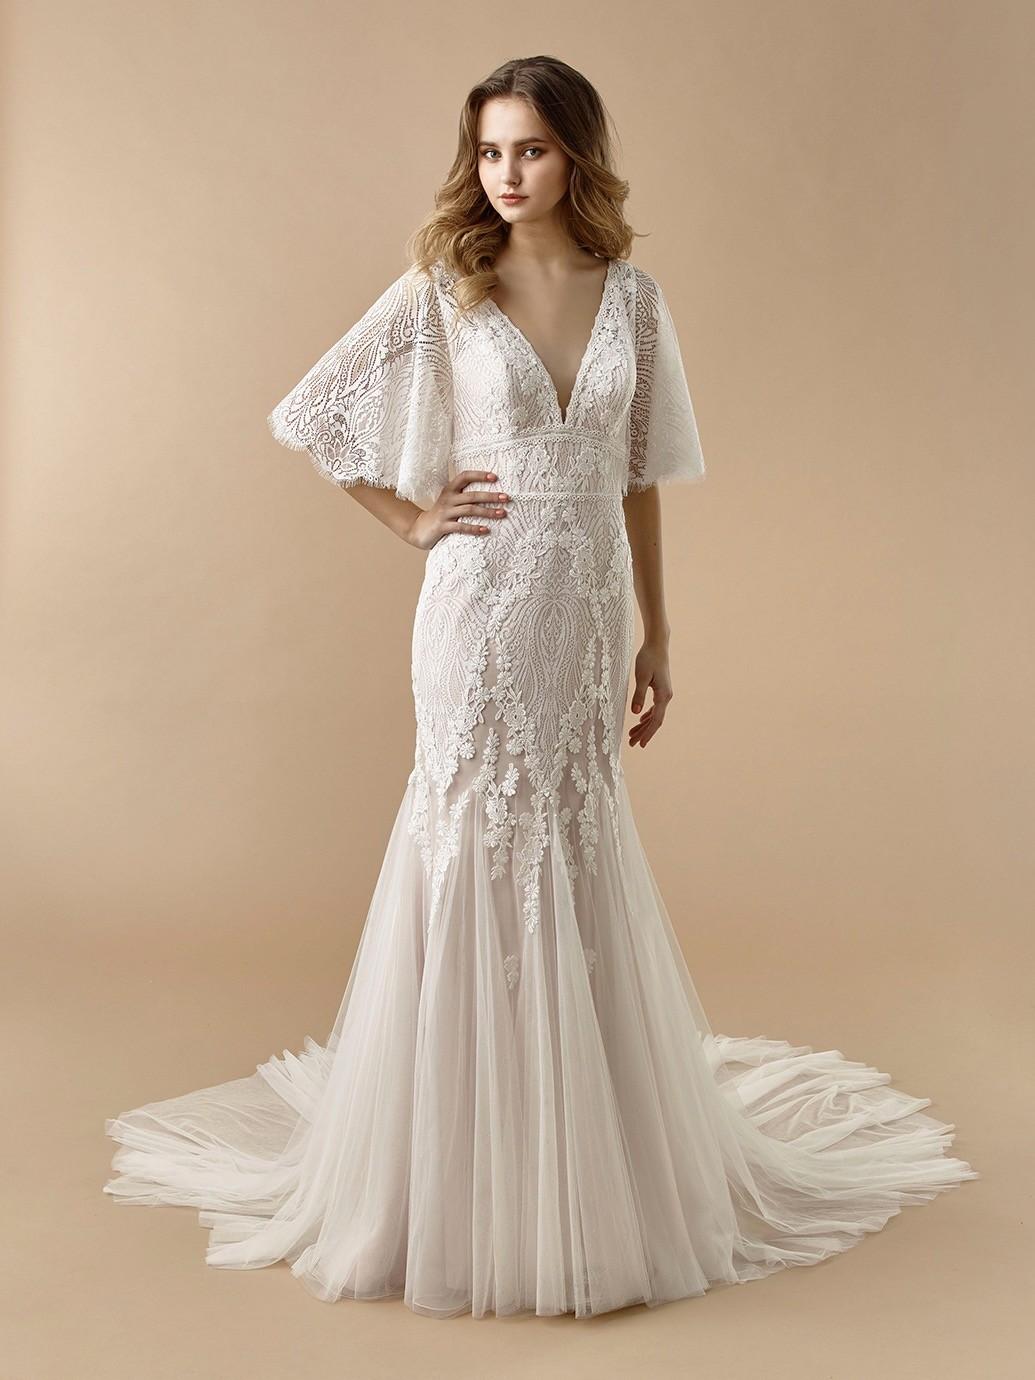 Brautkleid im Boho-Look im Fit-and-Flare-Schnitt mit Plung-Ausschnitt, 3D-Spitze und Flügelärmeln von Beautiful Bridal, Modell BT 20-05